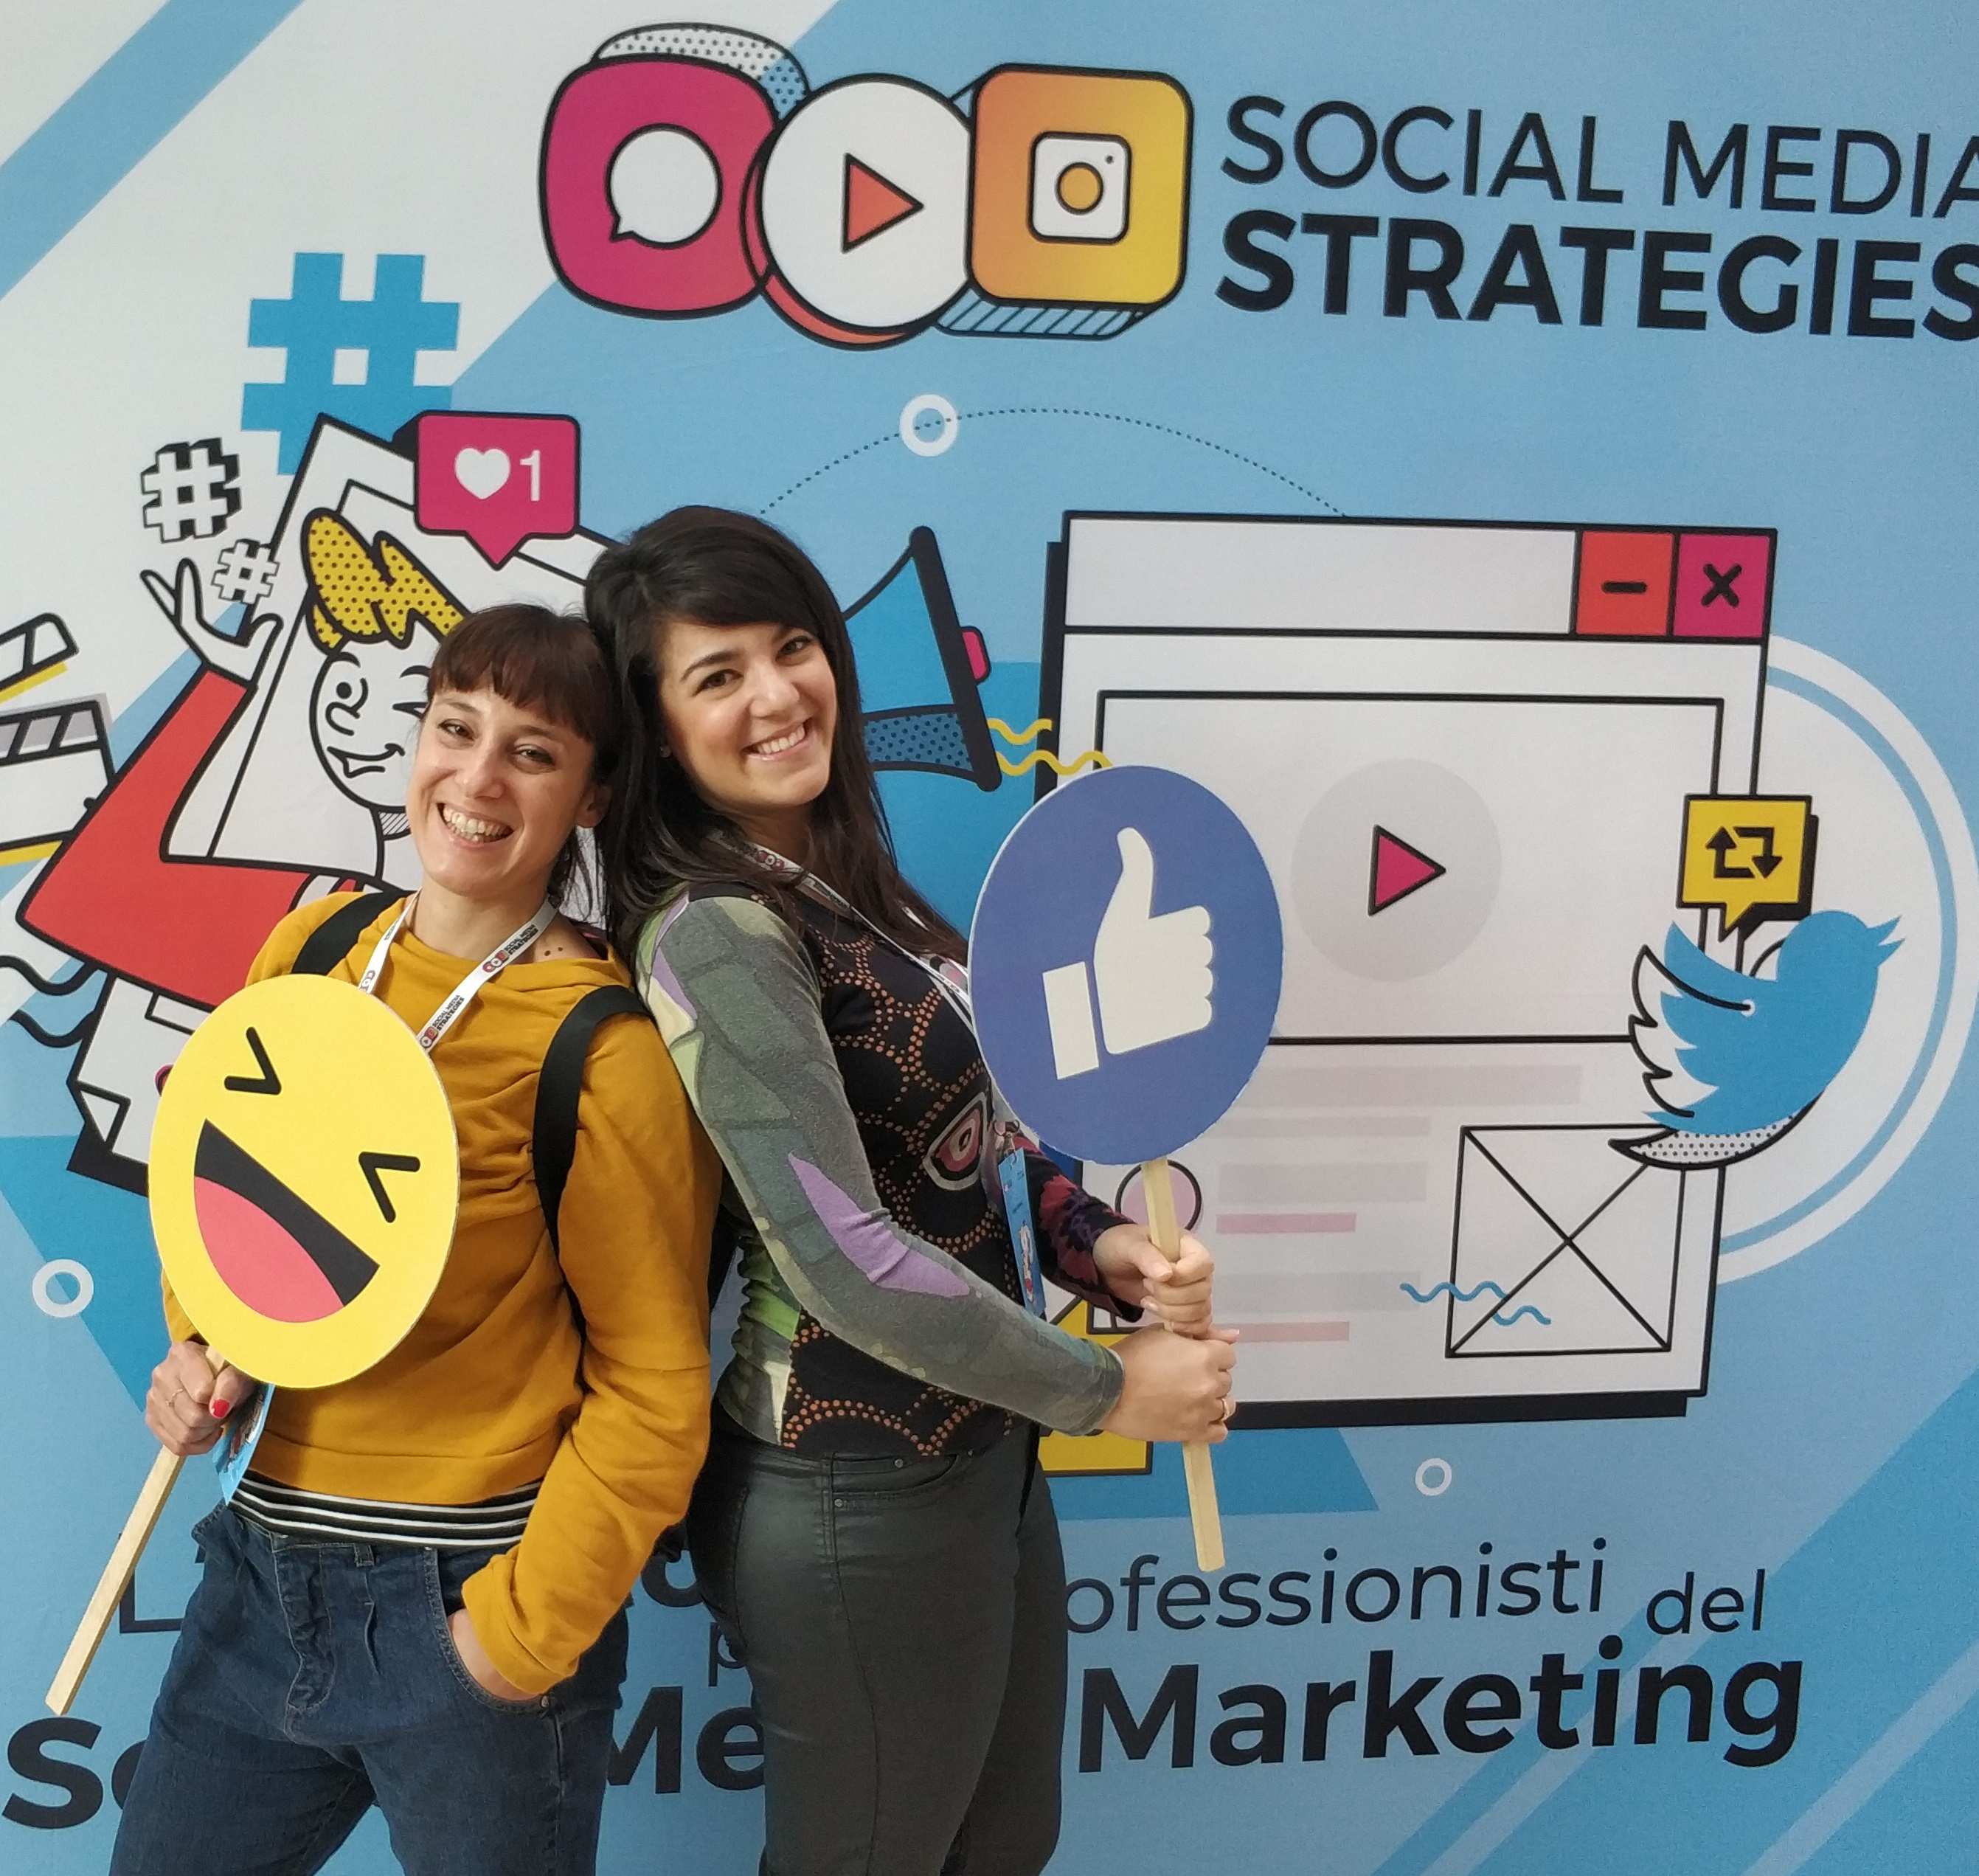 Social Media Strategies 2018